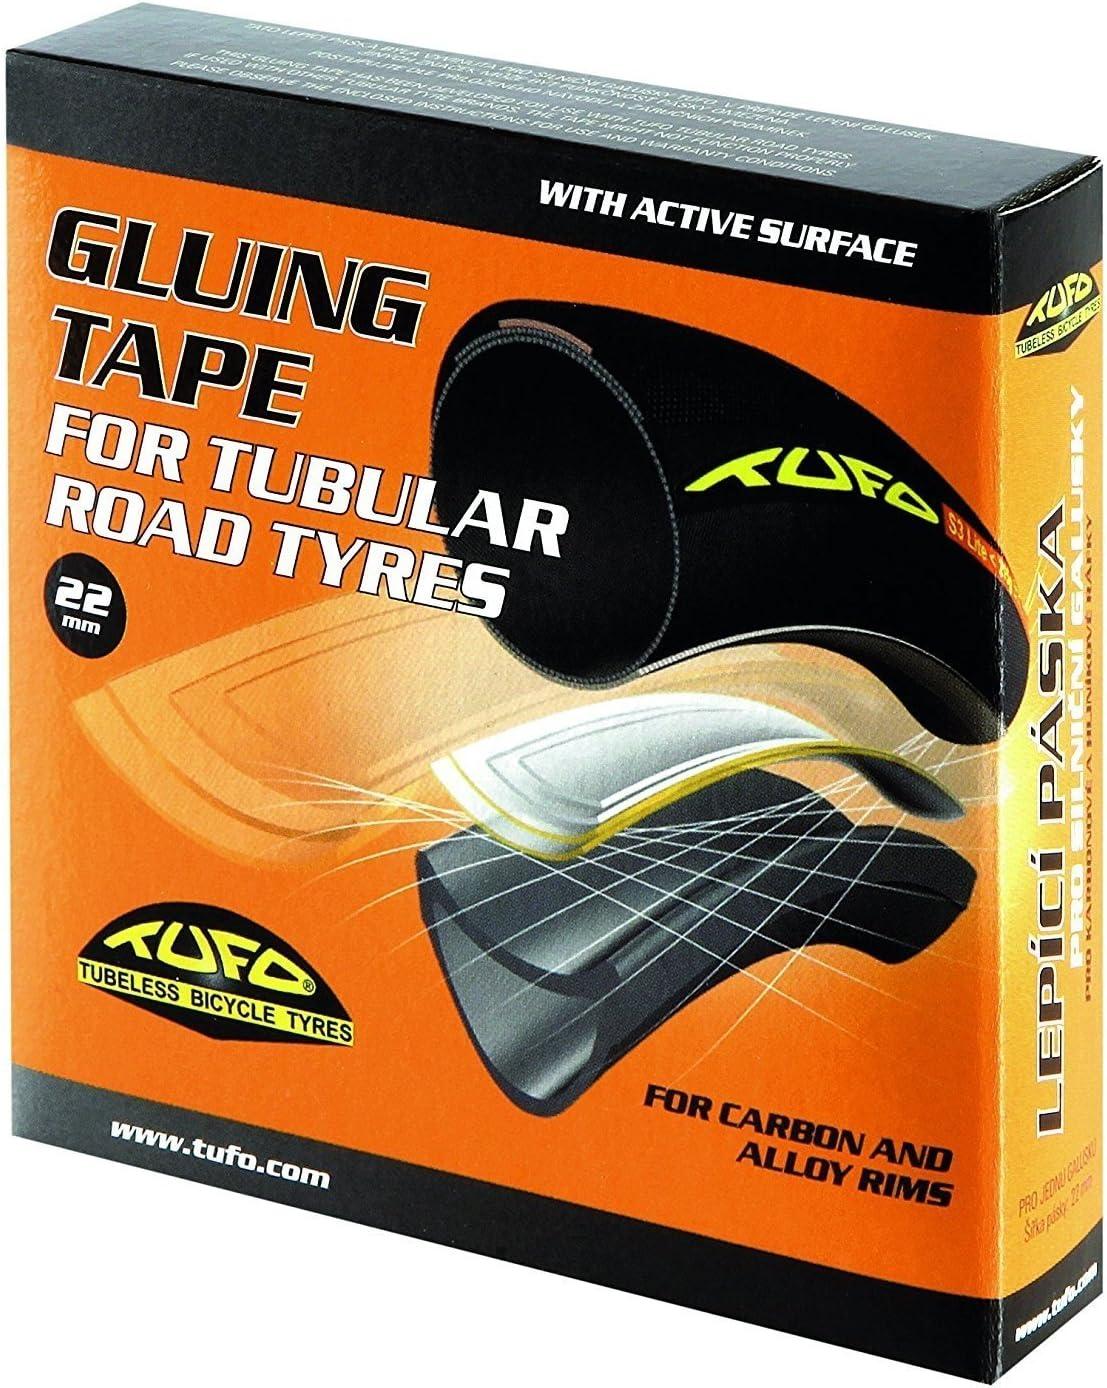 Tufo Gluing Tape for Road Tubular Tires (22mm)